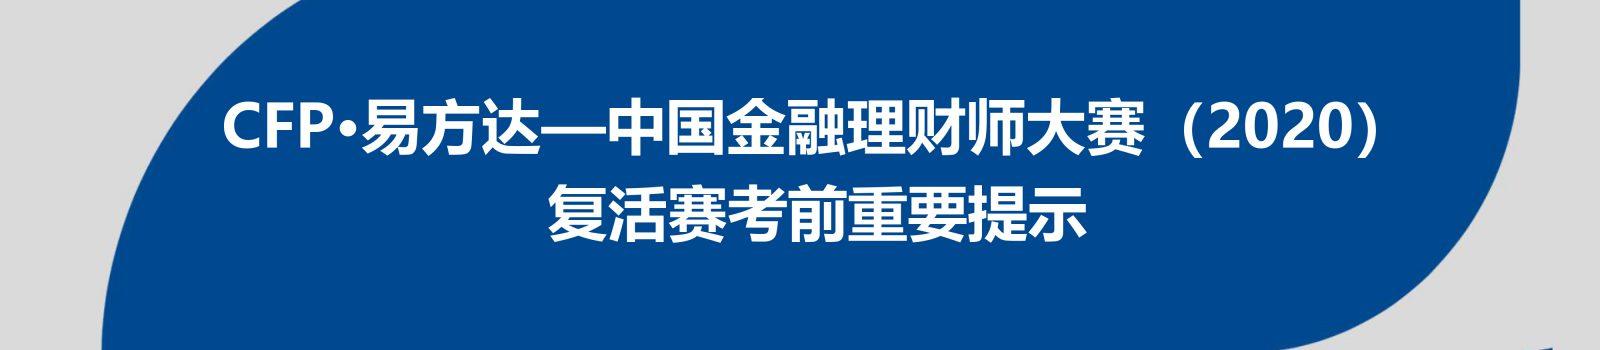 CFP·易方达—中国金融理财师大赛(2020) 复活赛考前重要提示